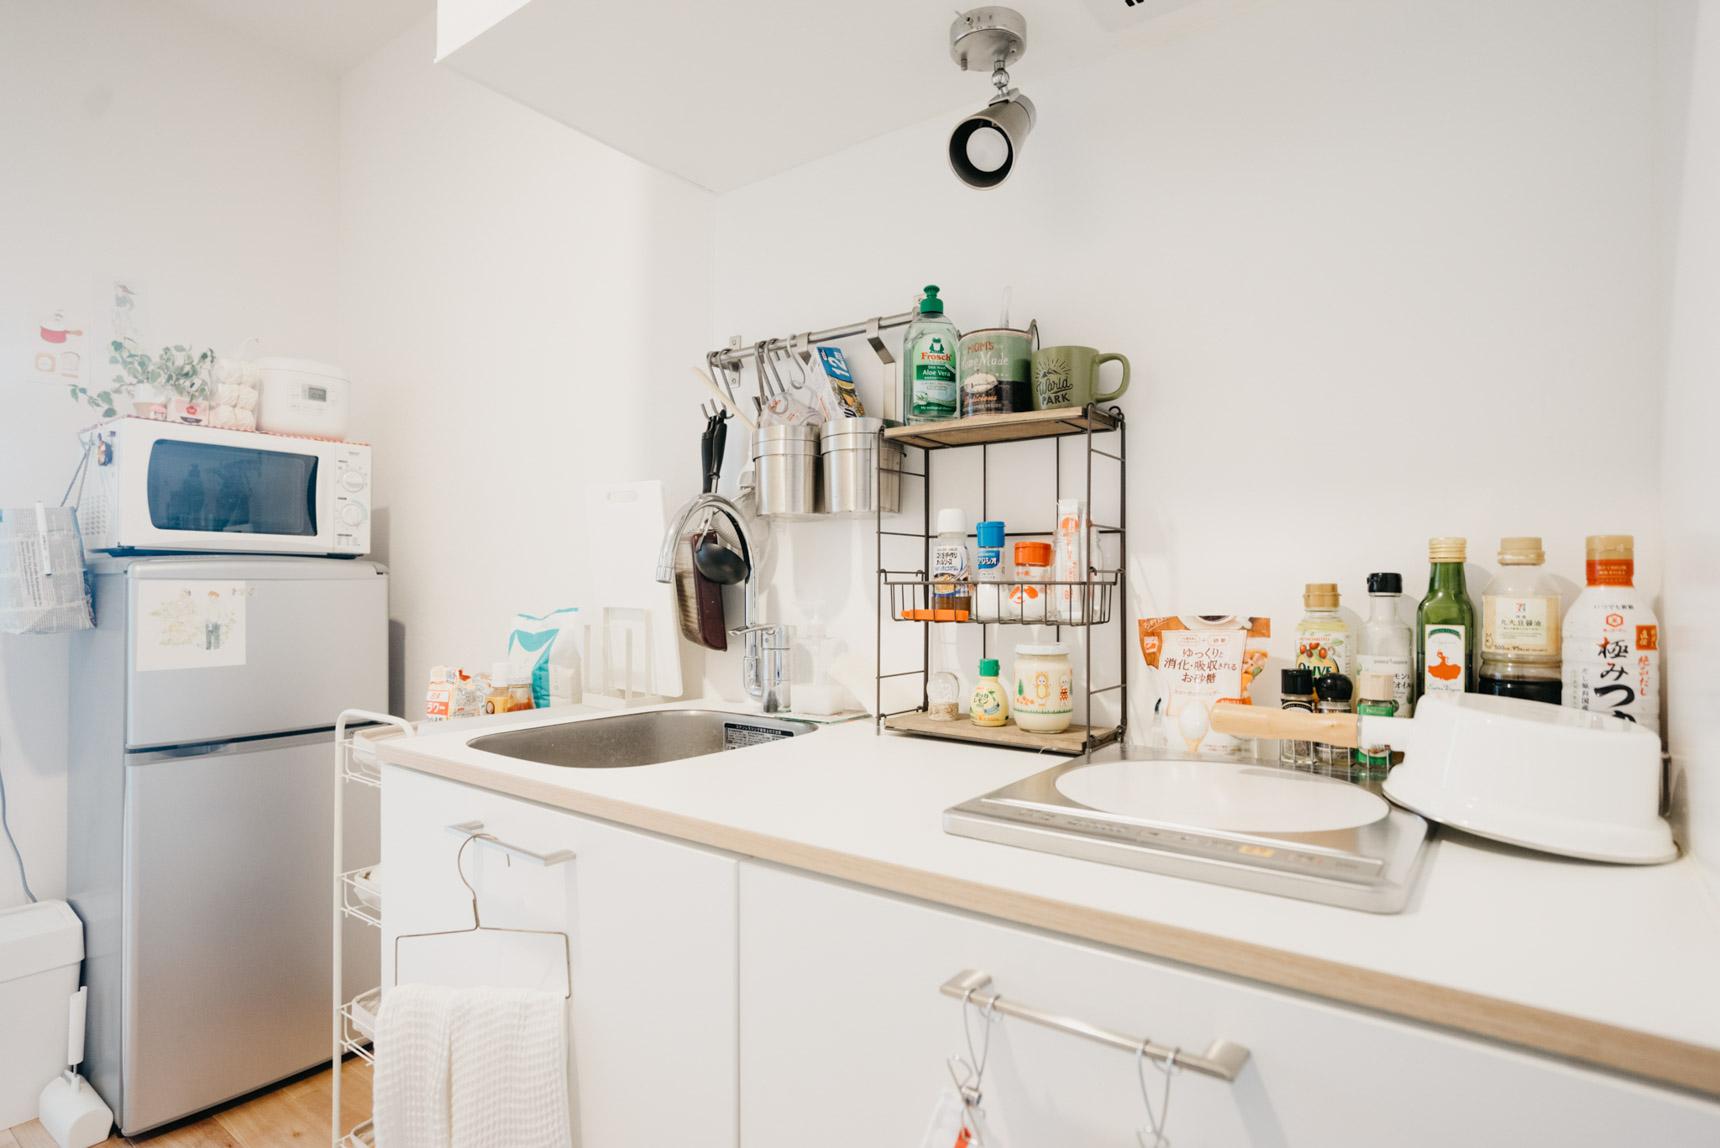 キッチンも、TOMOSオリジナルのデザインキッチン。うまく使いこなしていらっしゃいます。